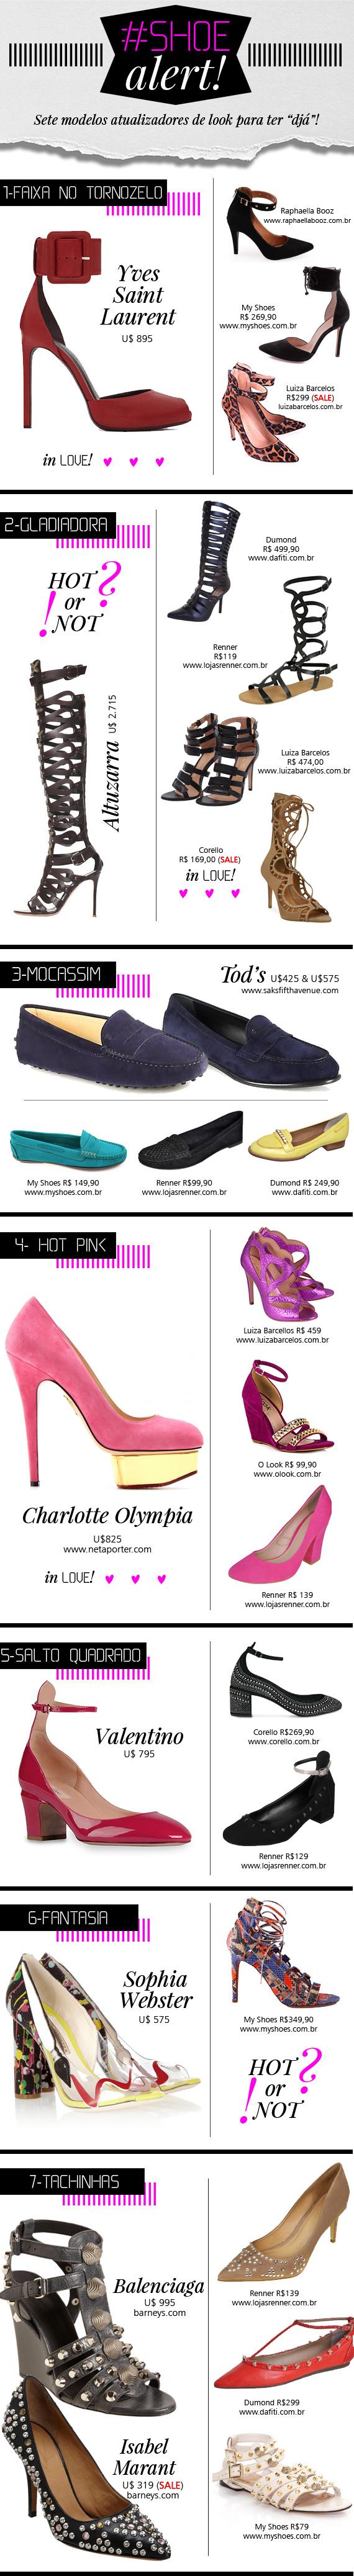 tendencias-sapato-2013